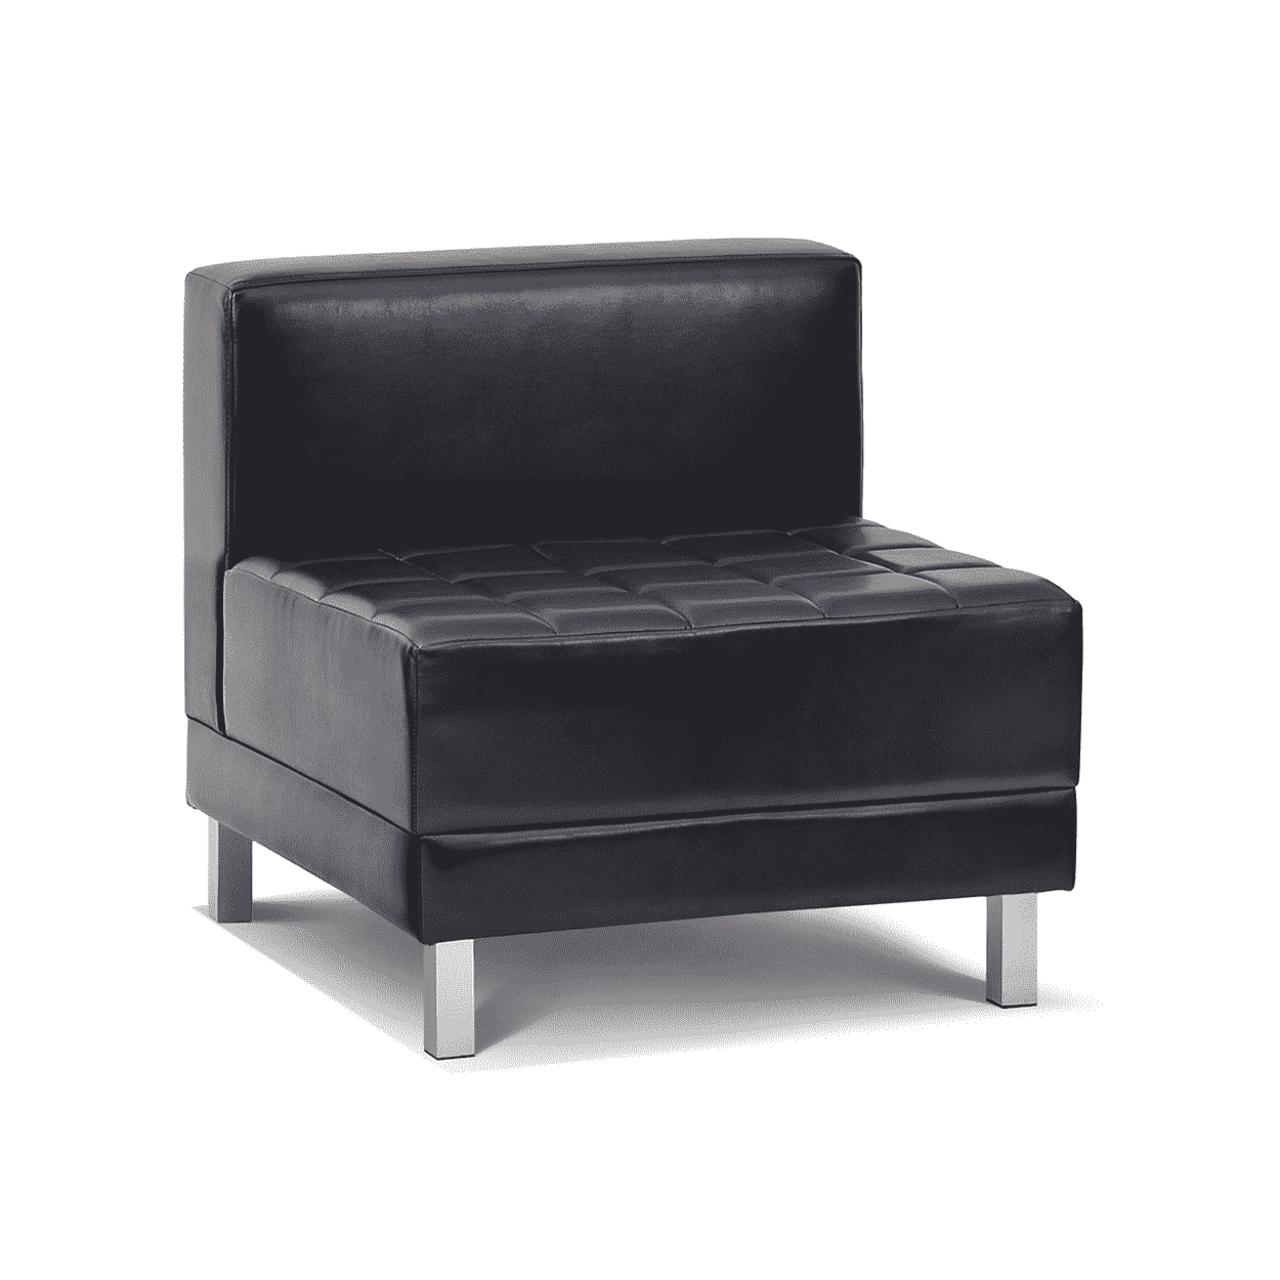 Мягкая офисная мебель Магистр - фото 4